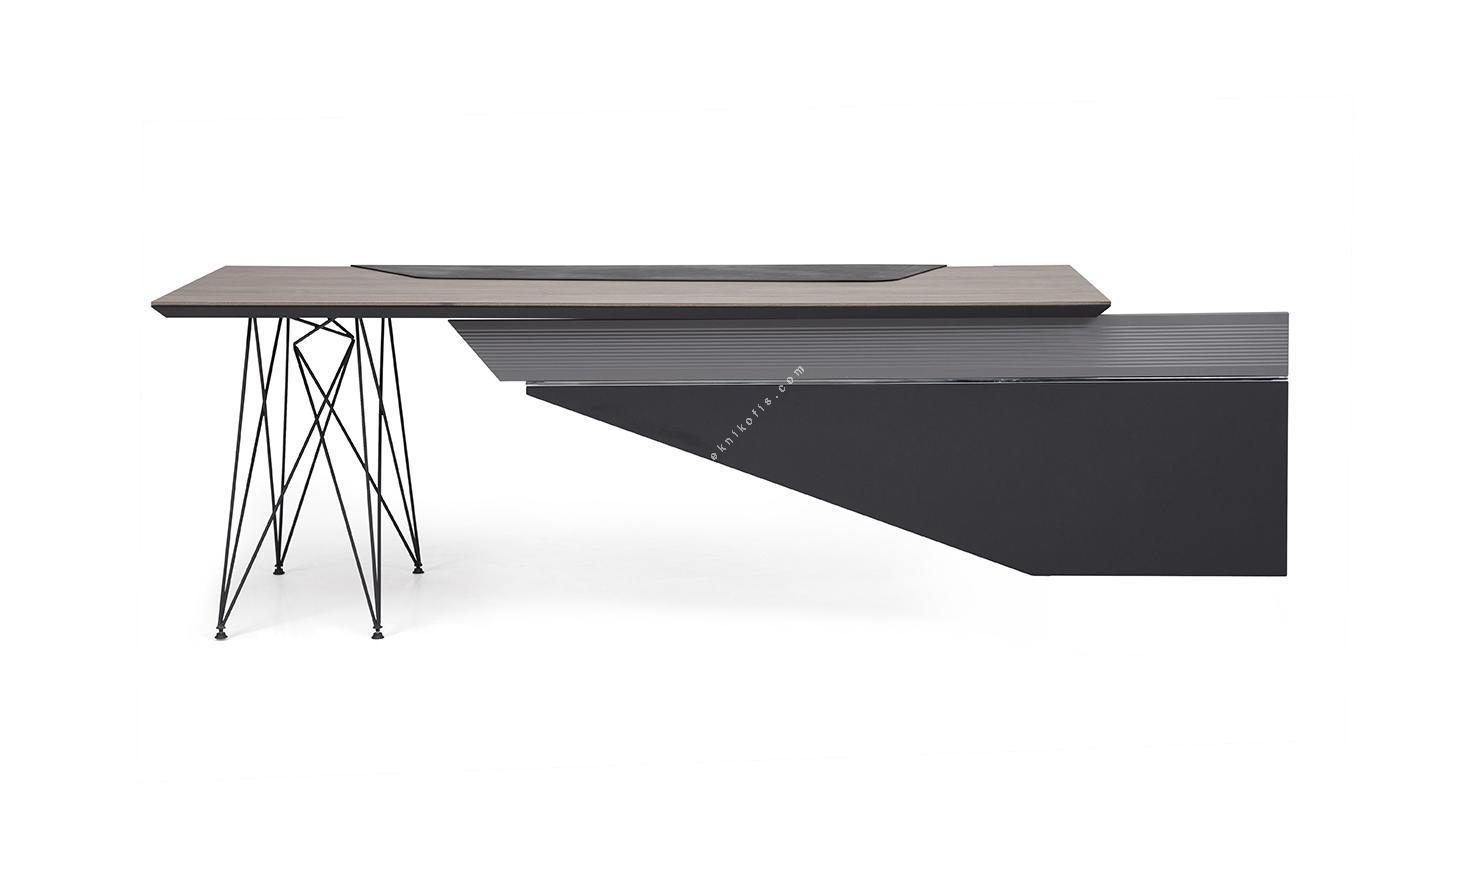 megal sol etajerli yönetici masası